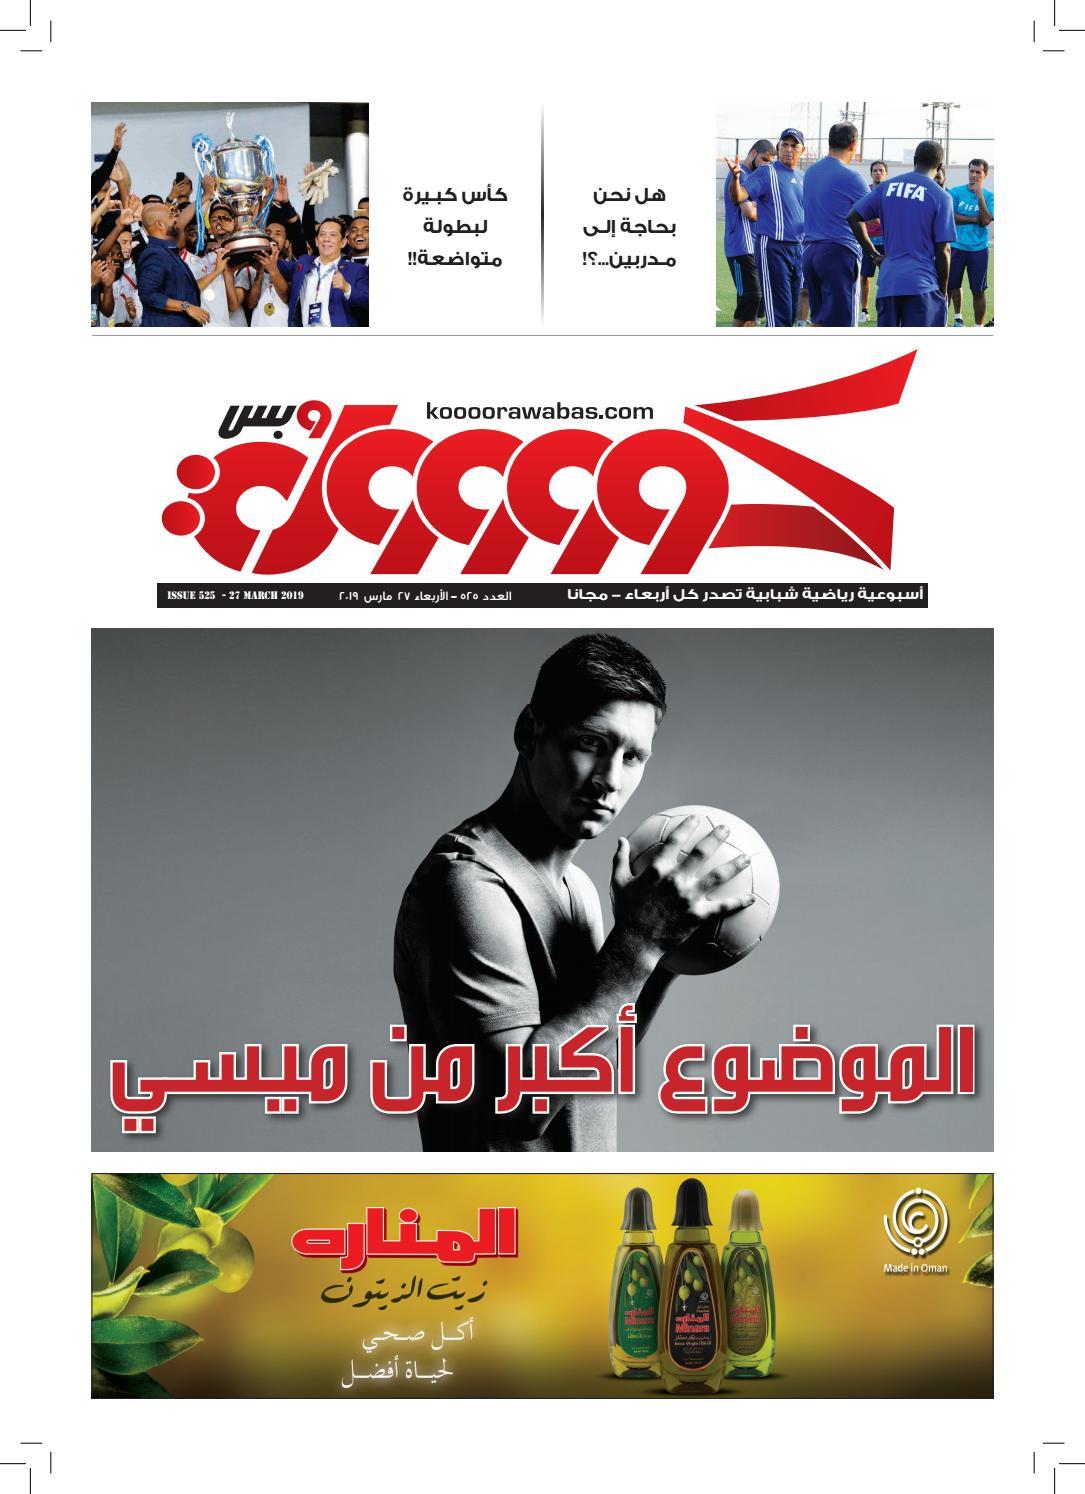 d72869460 Koooora Wa Bas Issue #525 27 March 2019 by Koooora Wa Bas - issuu